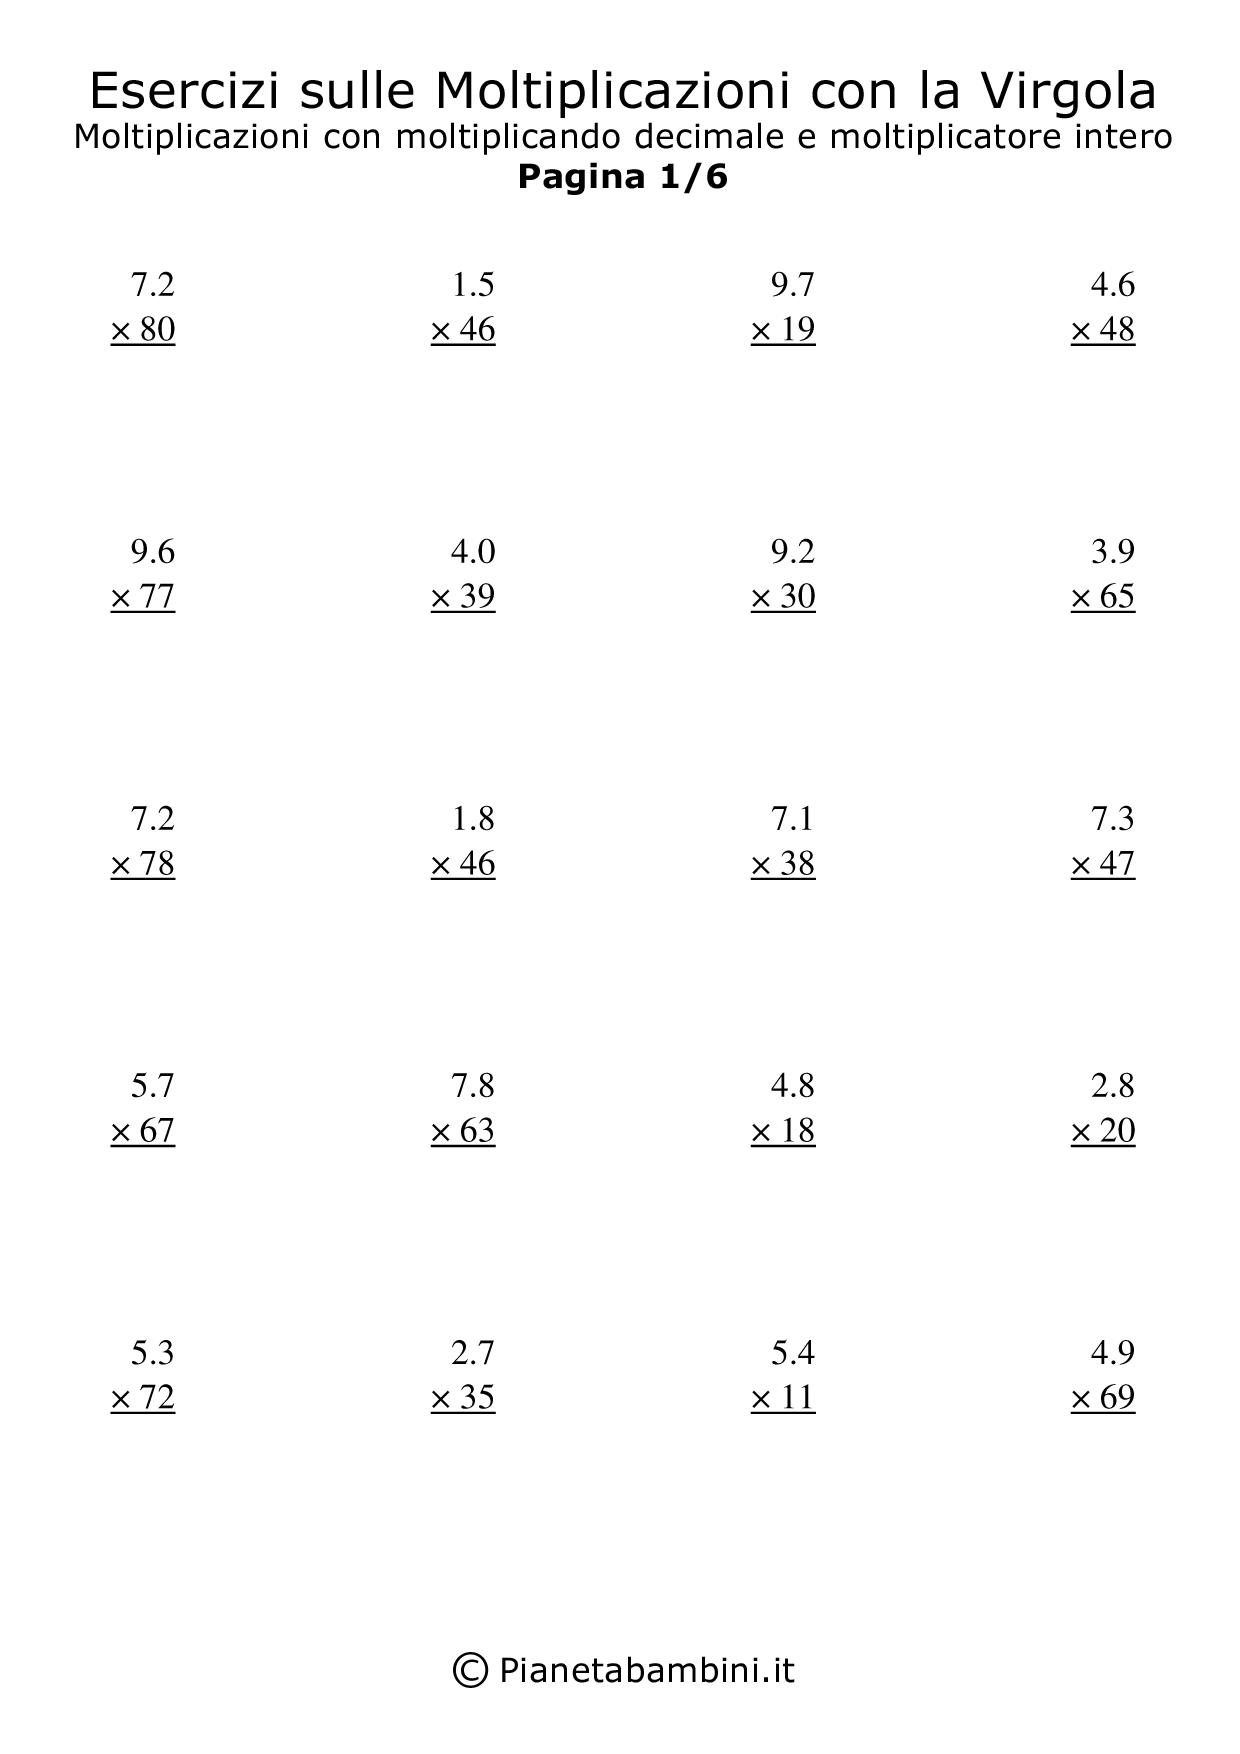 Moltiplicazioni-Virgola-Decimale-X-Intero_1